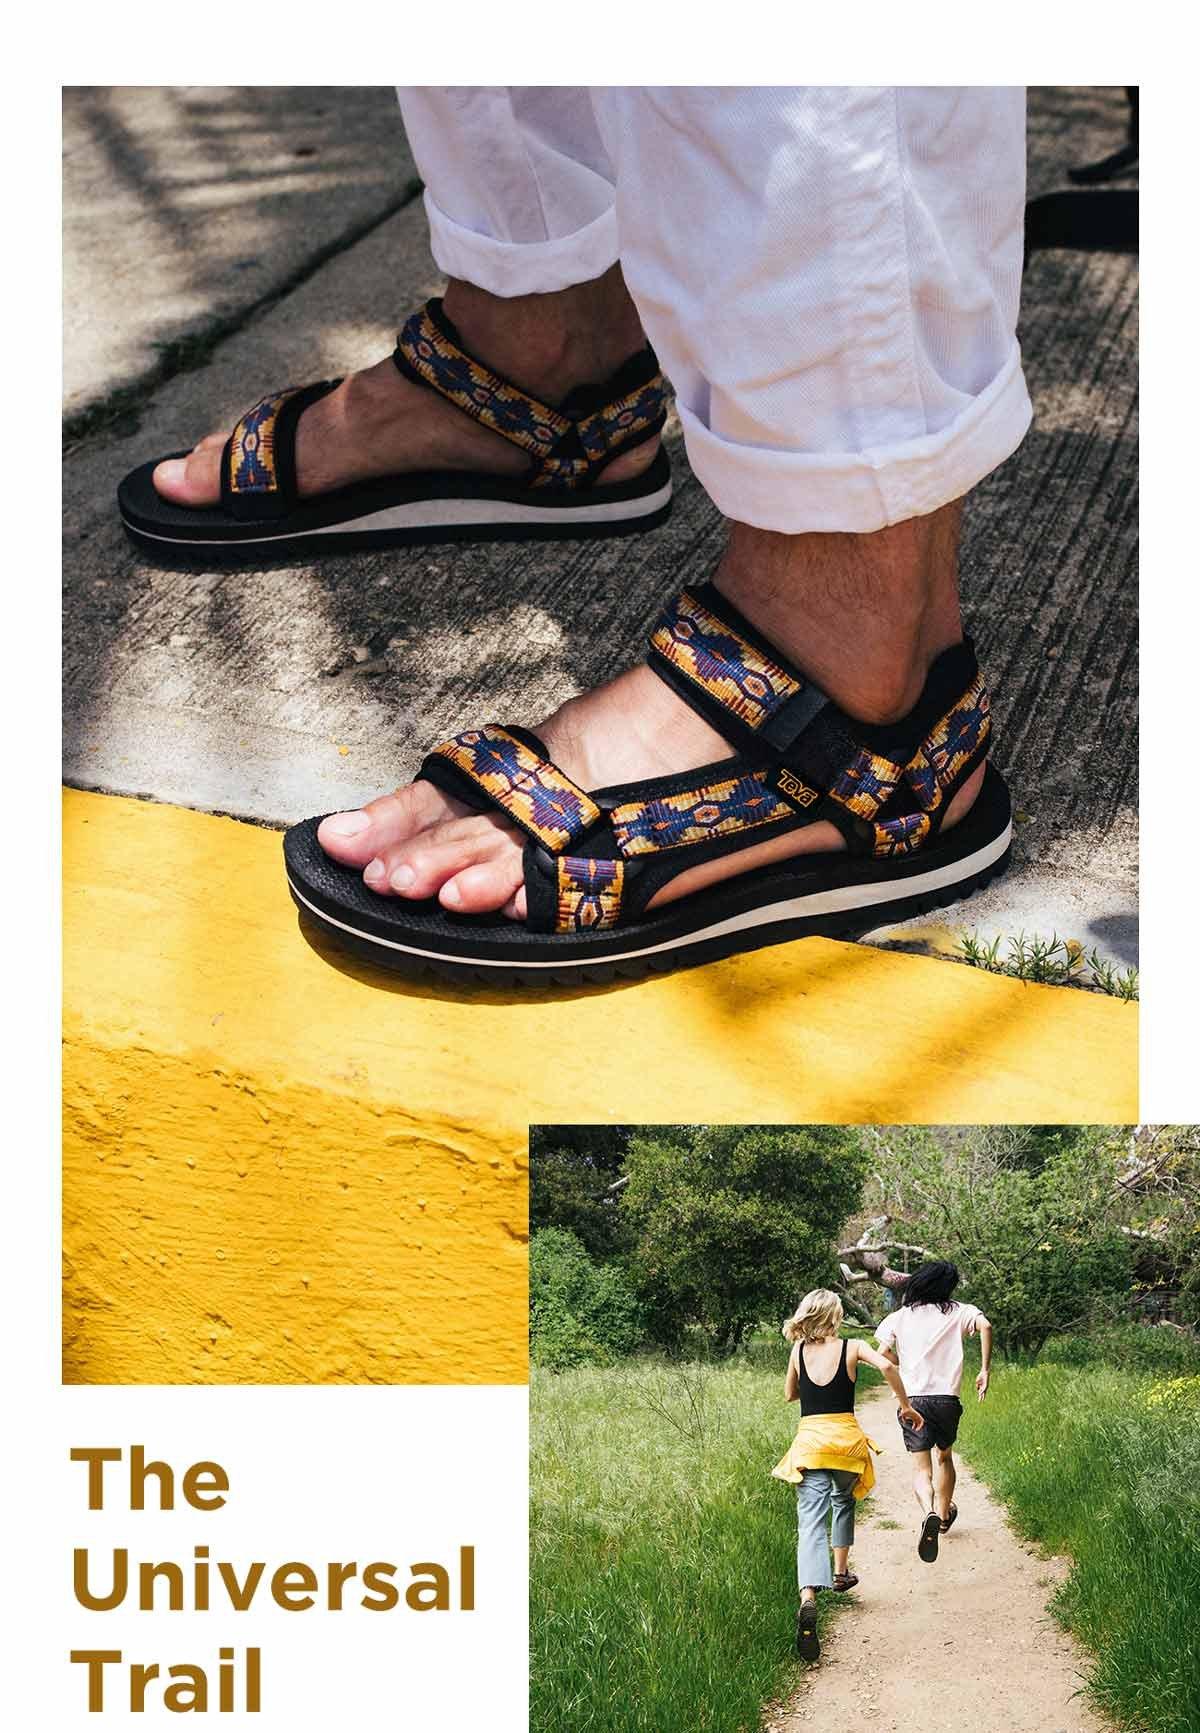 Teva: New trail sandals | Milled